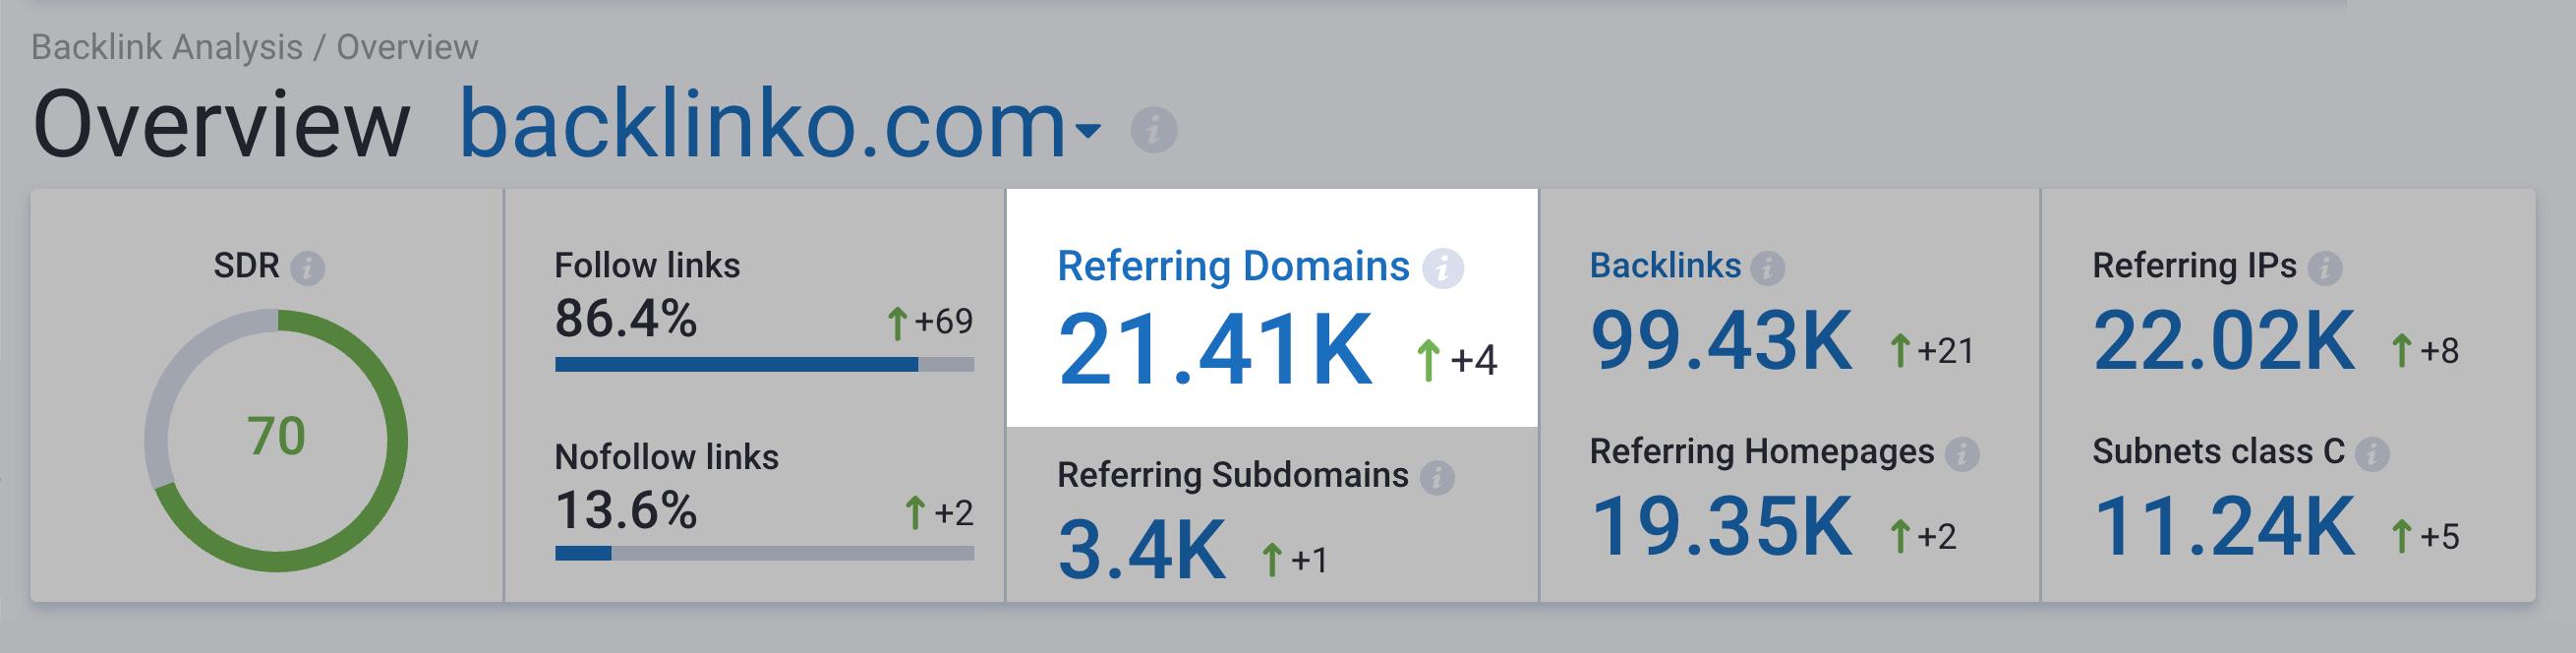 Serpstat – Backlink Dashboard Reffering Domains